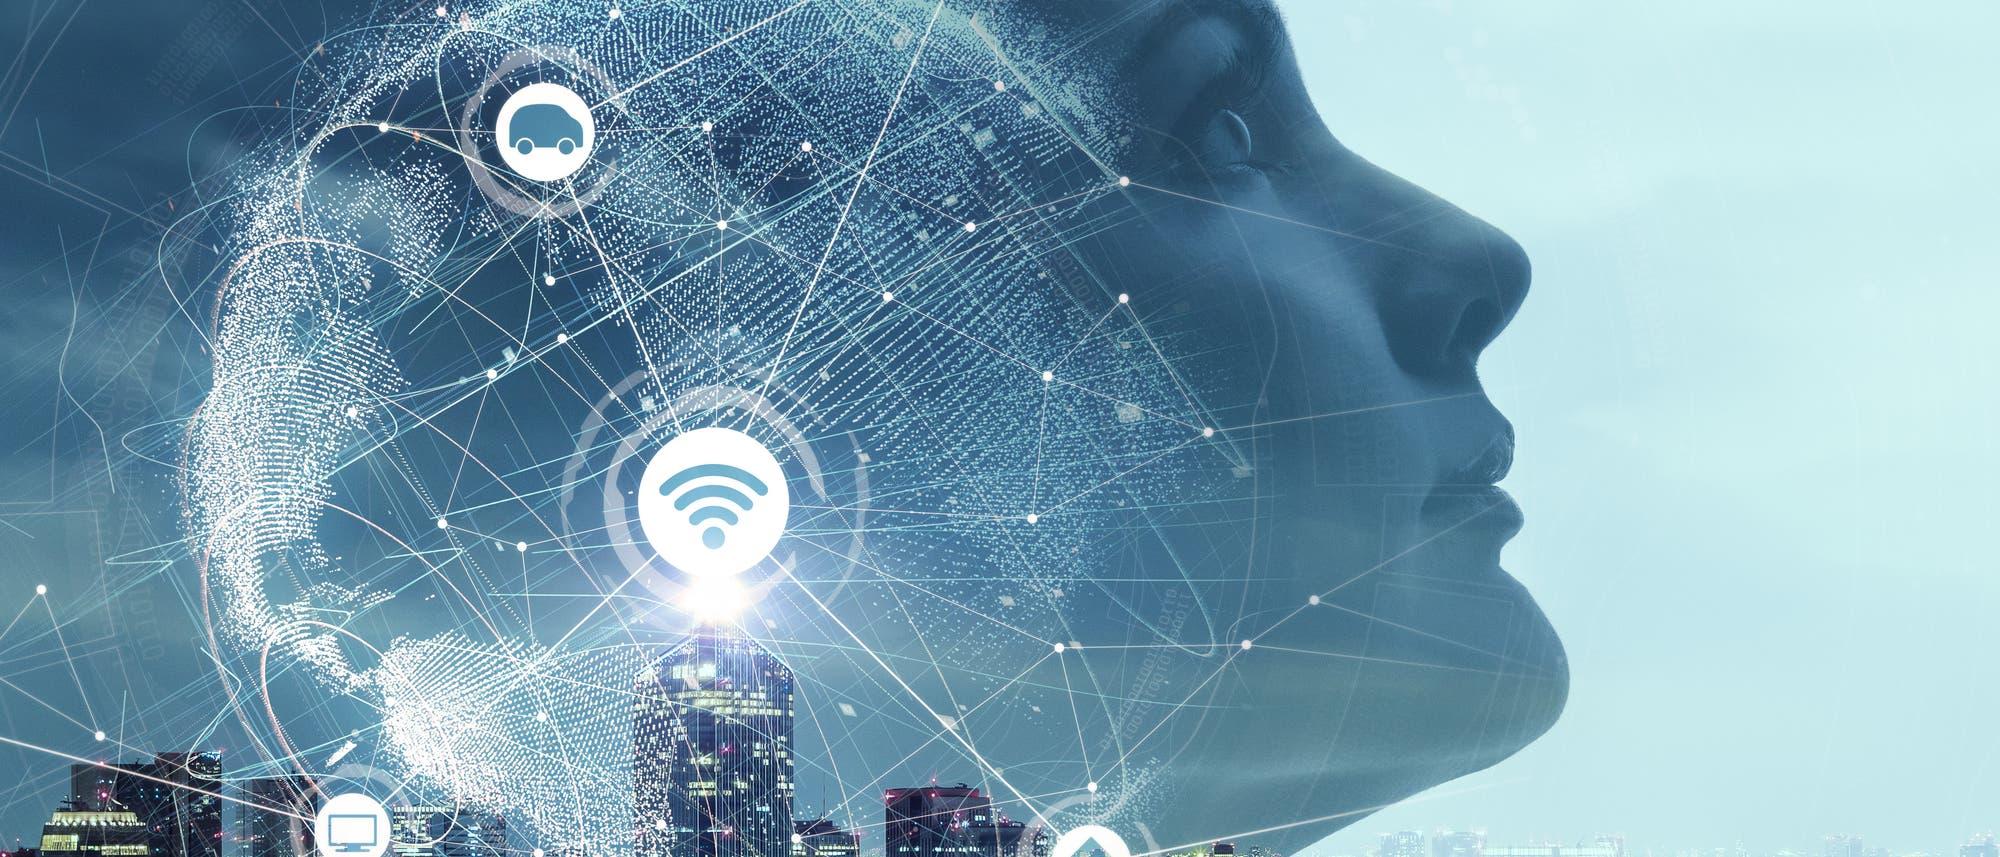 Künstliche Intelligenz (Symbolbild)